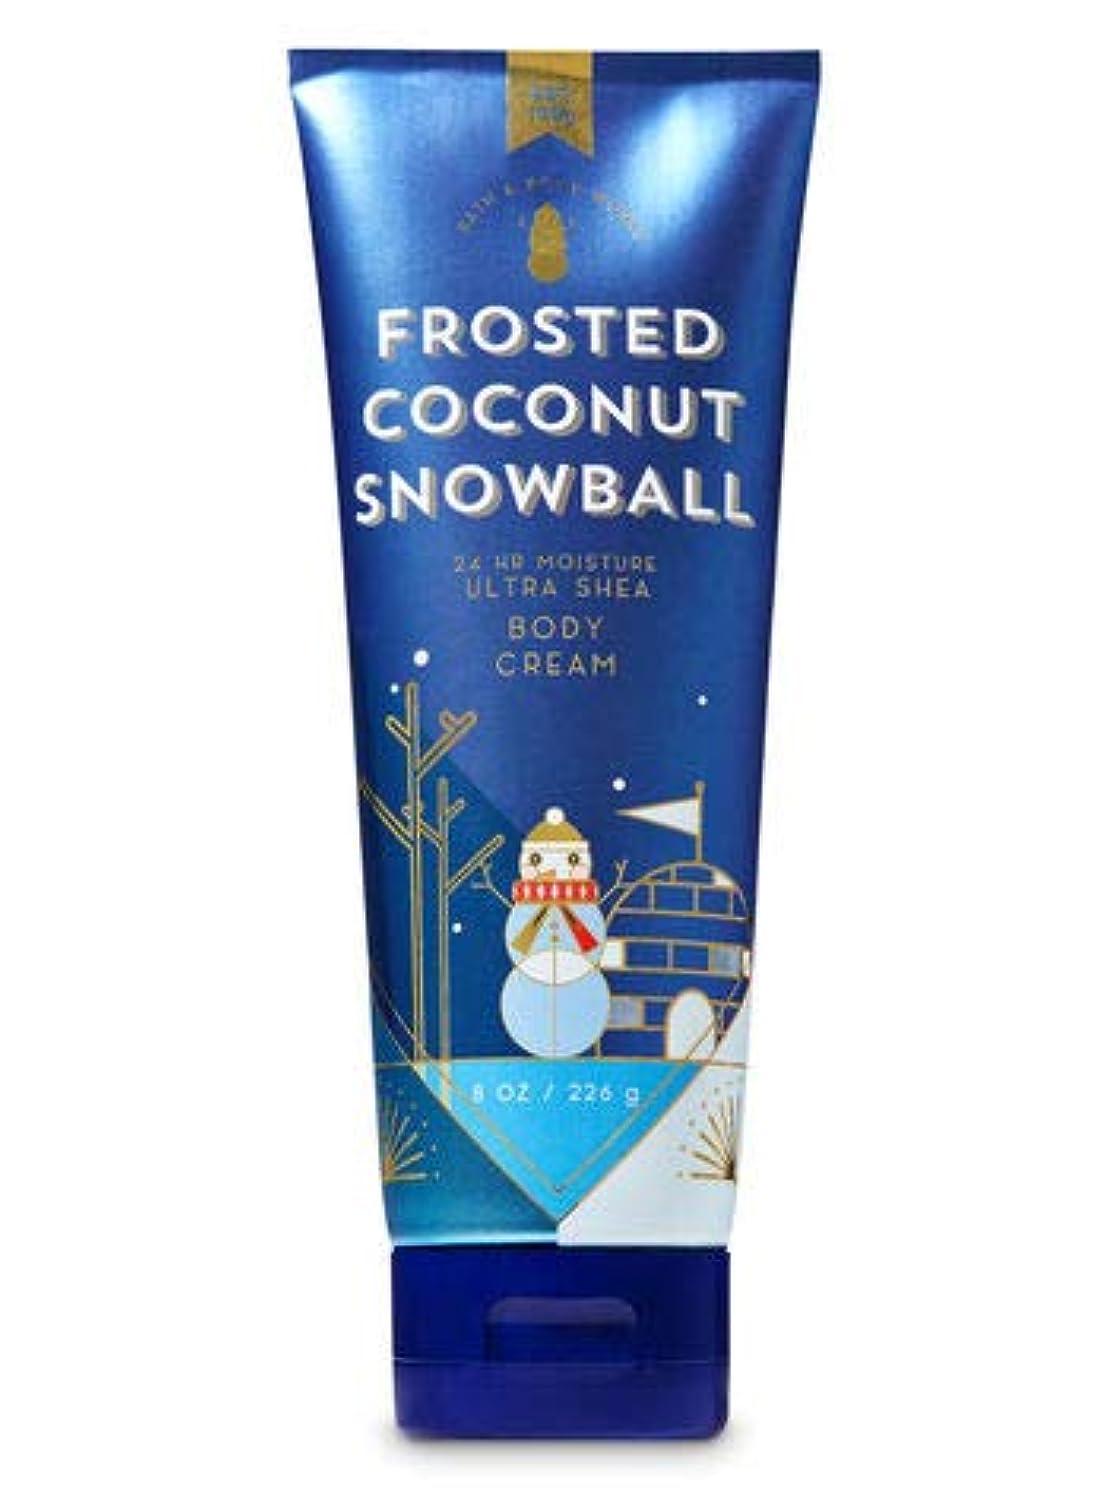 ベンチャー性格押す【Bath&Body Works/バス&ボディワークス】 ボディクリーム Frosted フロステッドココナッツスノーボール Ultra Shea Body Cream Frosted Coconut Snowball 8 oz / 226 g [並行輸入品]